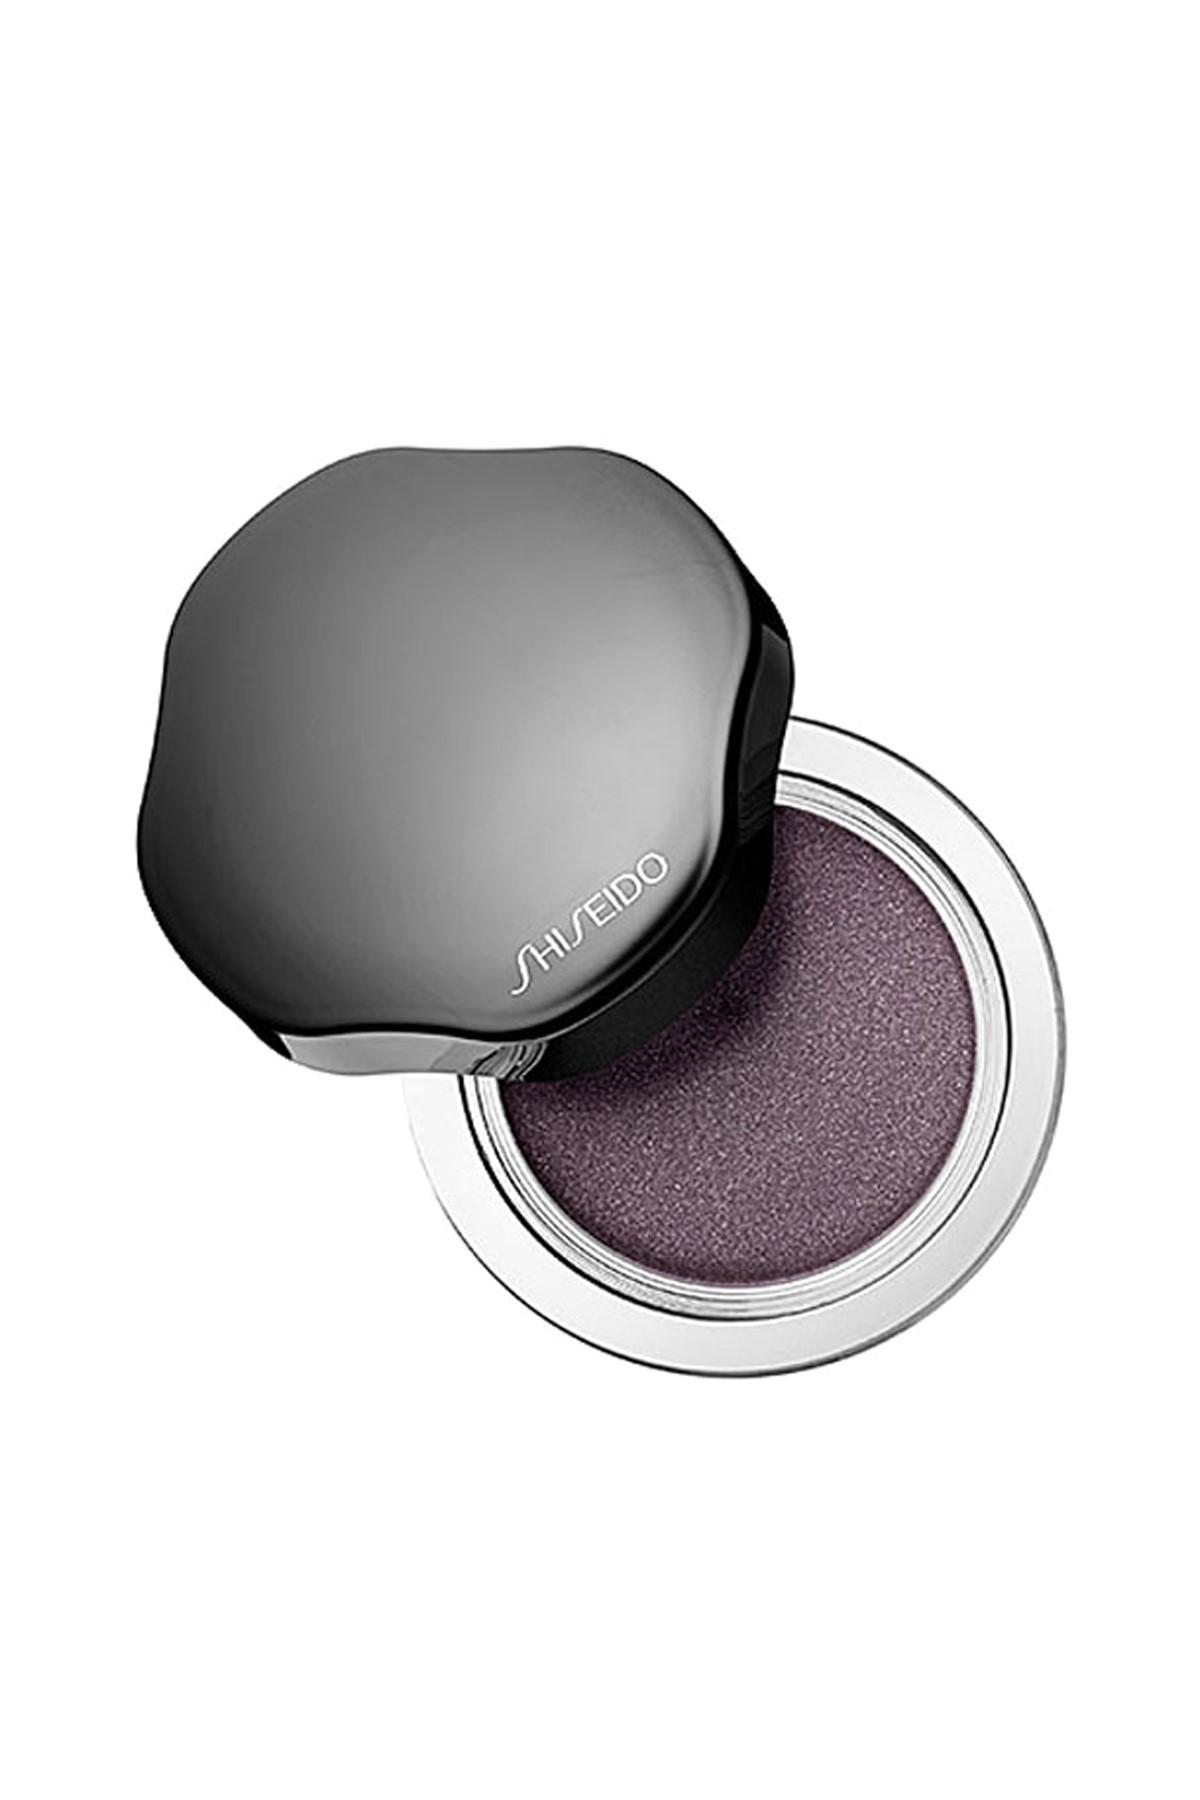 Shiseido Işıltılı Krem Göz Farı - Shimmering Cream Eye Color VI226 730852116221 2